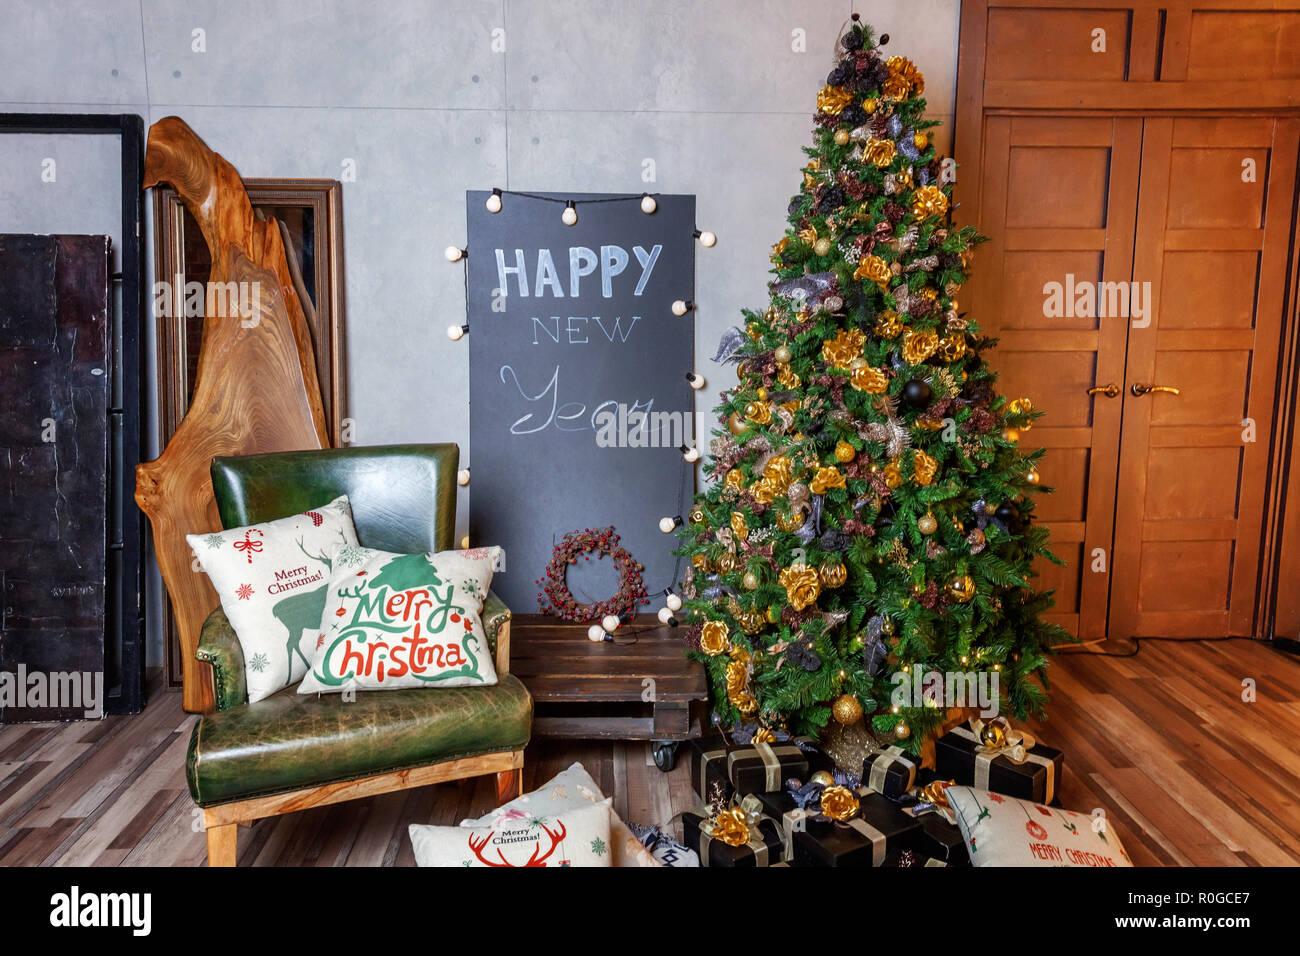 Decorazioni Sala Natale : Natale classico nuovo anno decorata sala interna anno nuovo albero